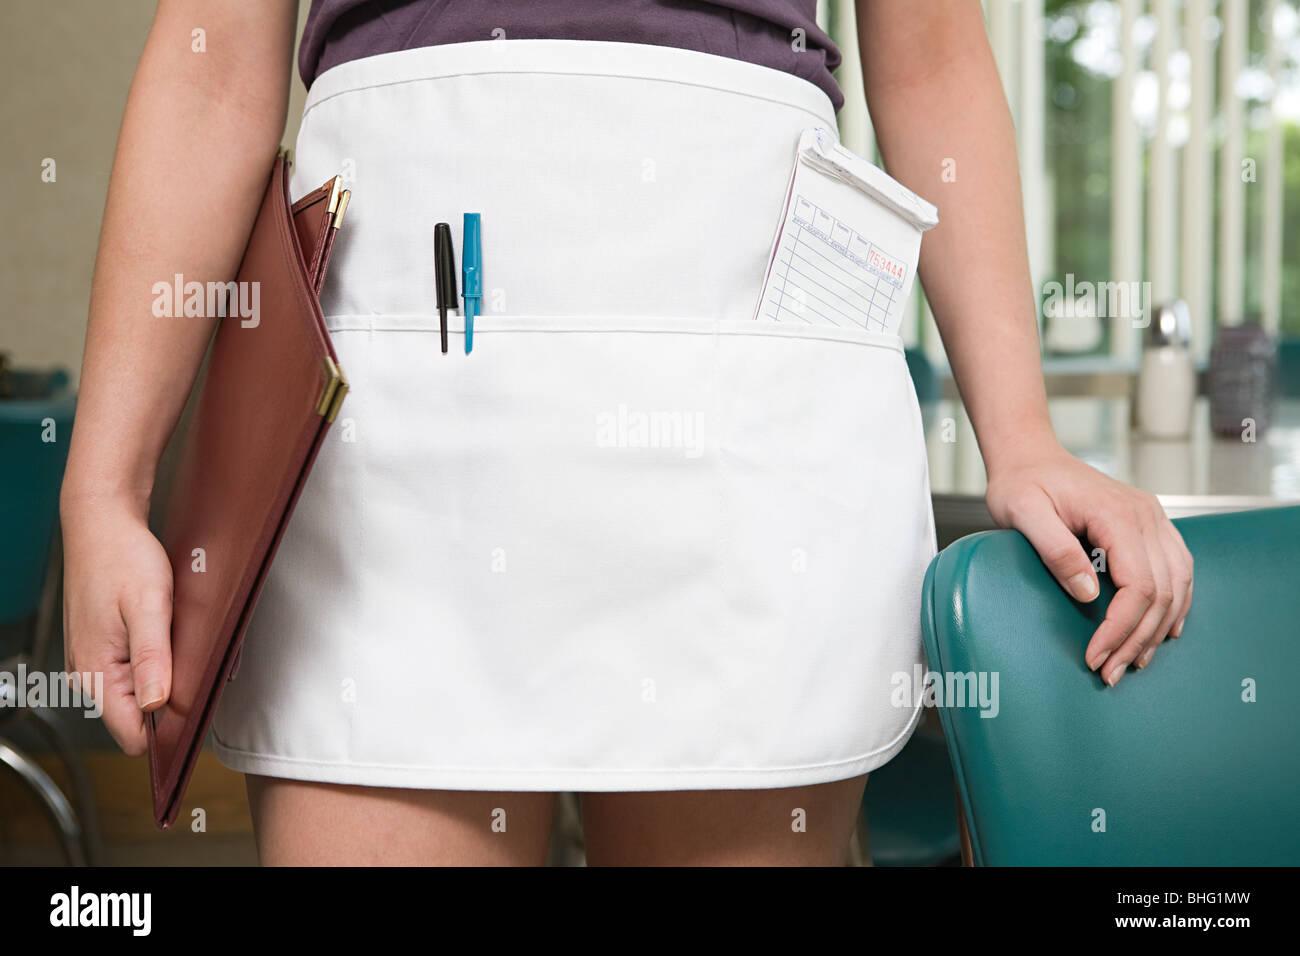 Immagine ritagliata di una cameriera Immagini Stock